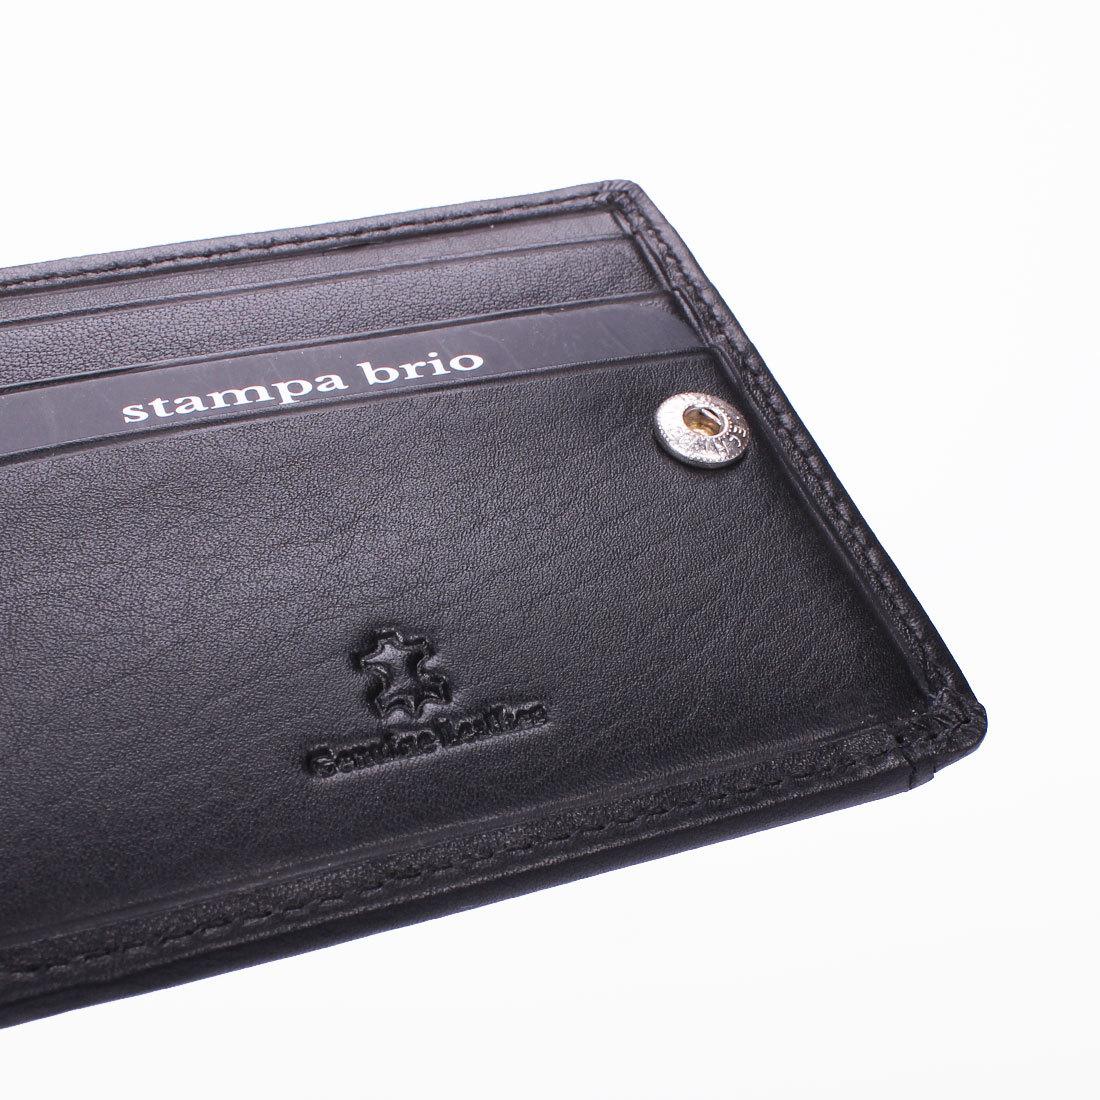 701 R - Зажим для купюр с монетником на кнопке и RFID защитой